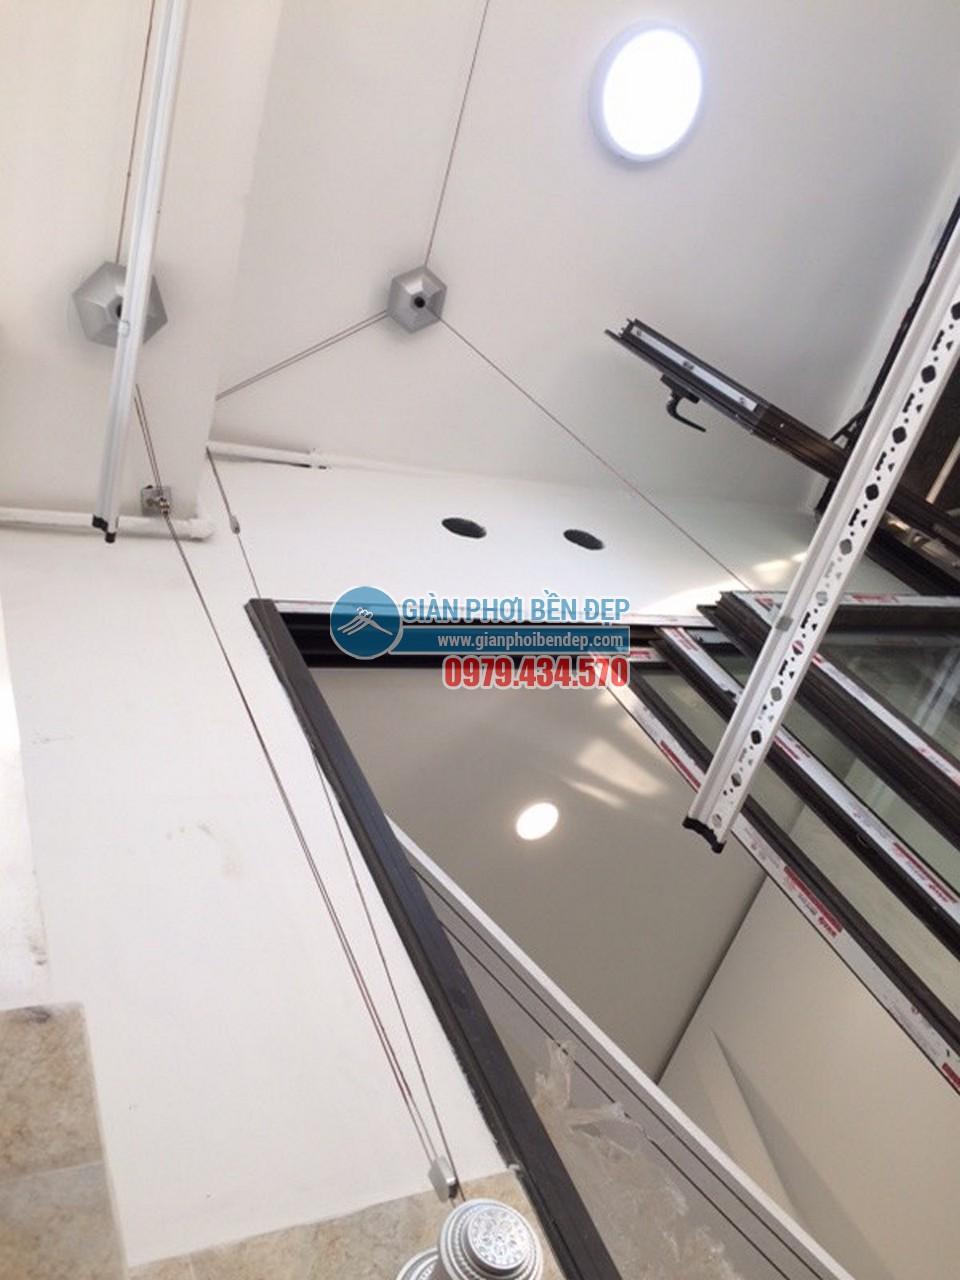 Lắp đặt giàn phơi thông minh tại khu trần giật cấp nhà chị Linh, Tòa HH4 Linh Đàm